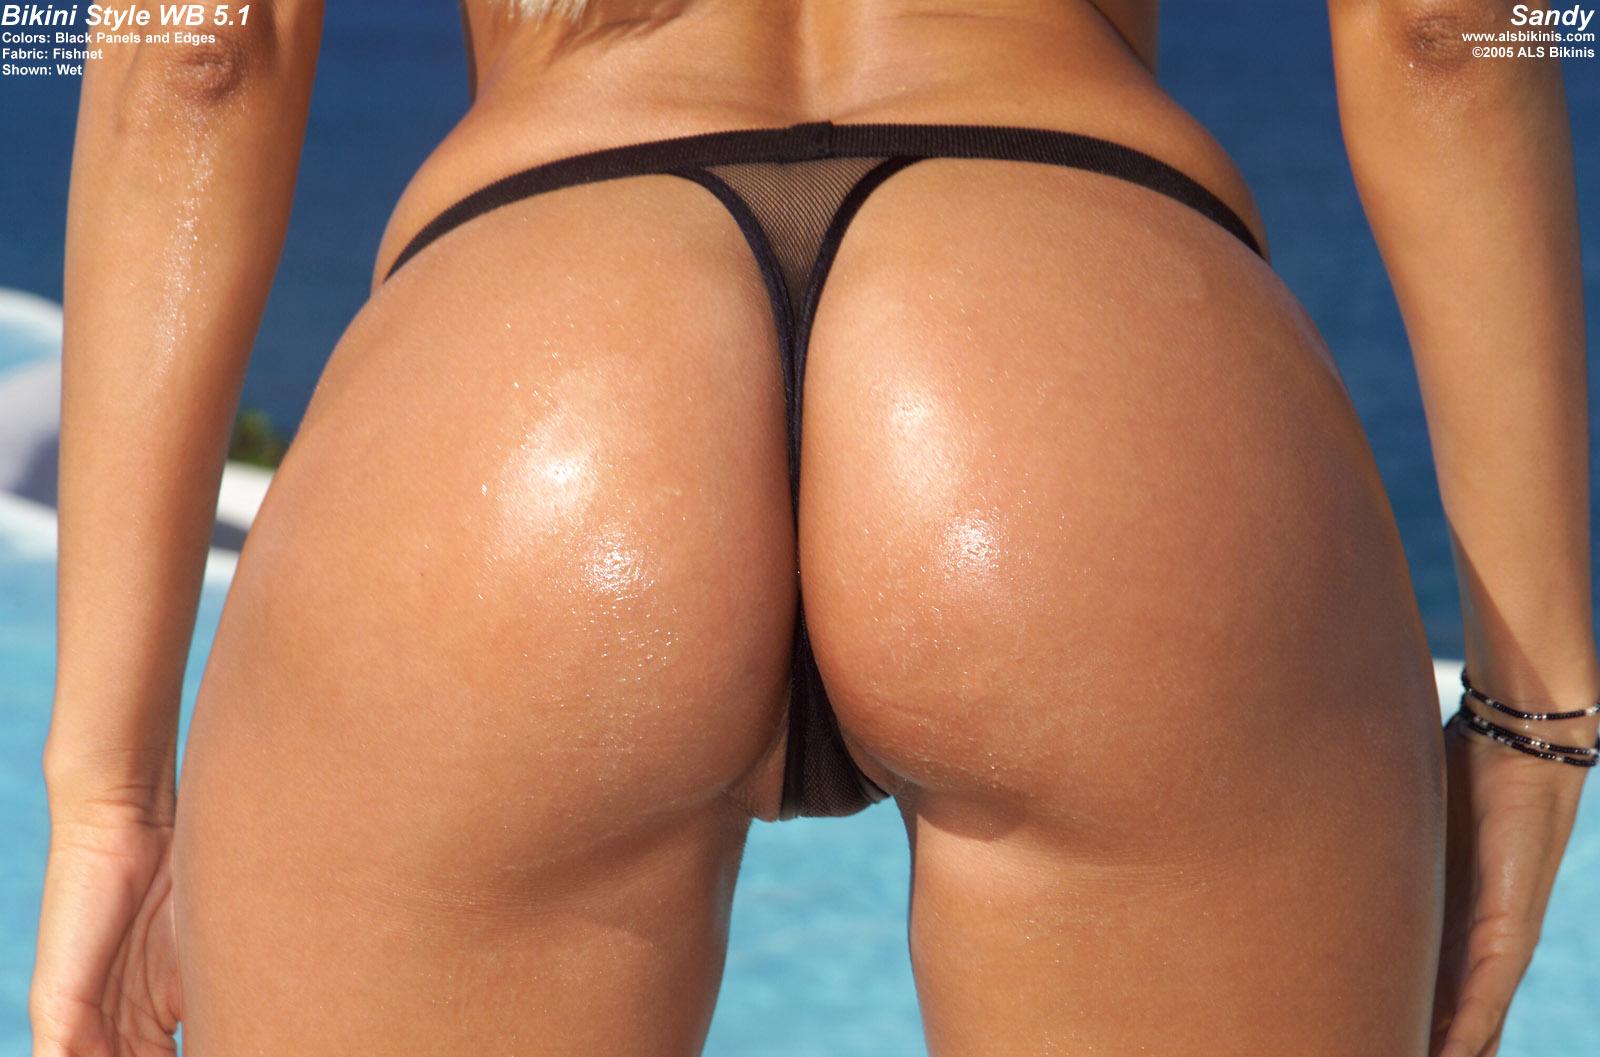 Жирнь попки в бикінь фото 553-132